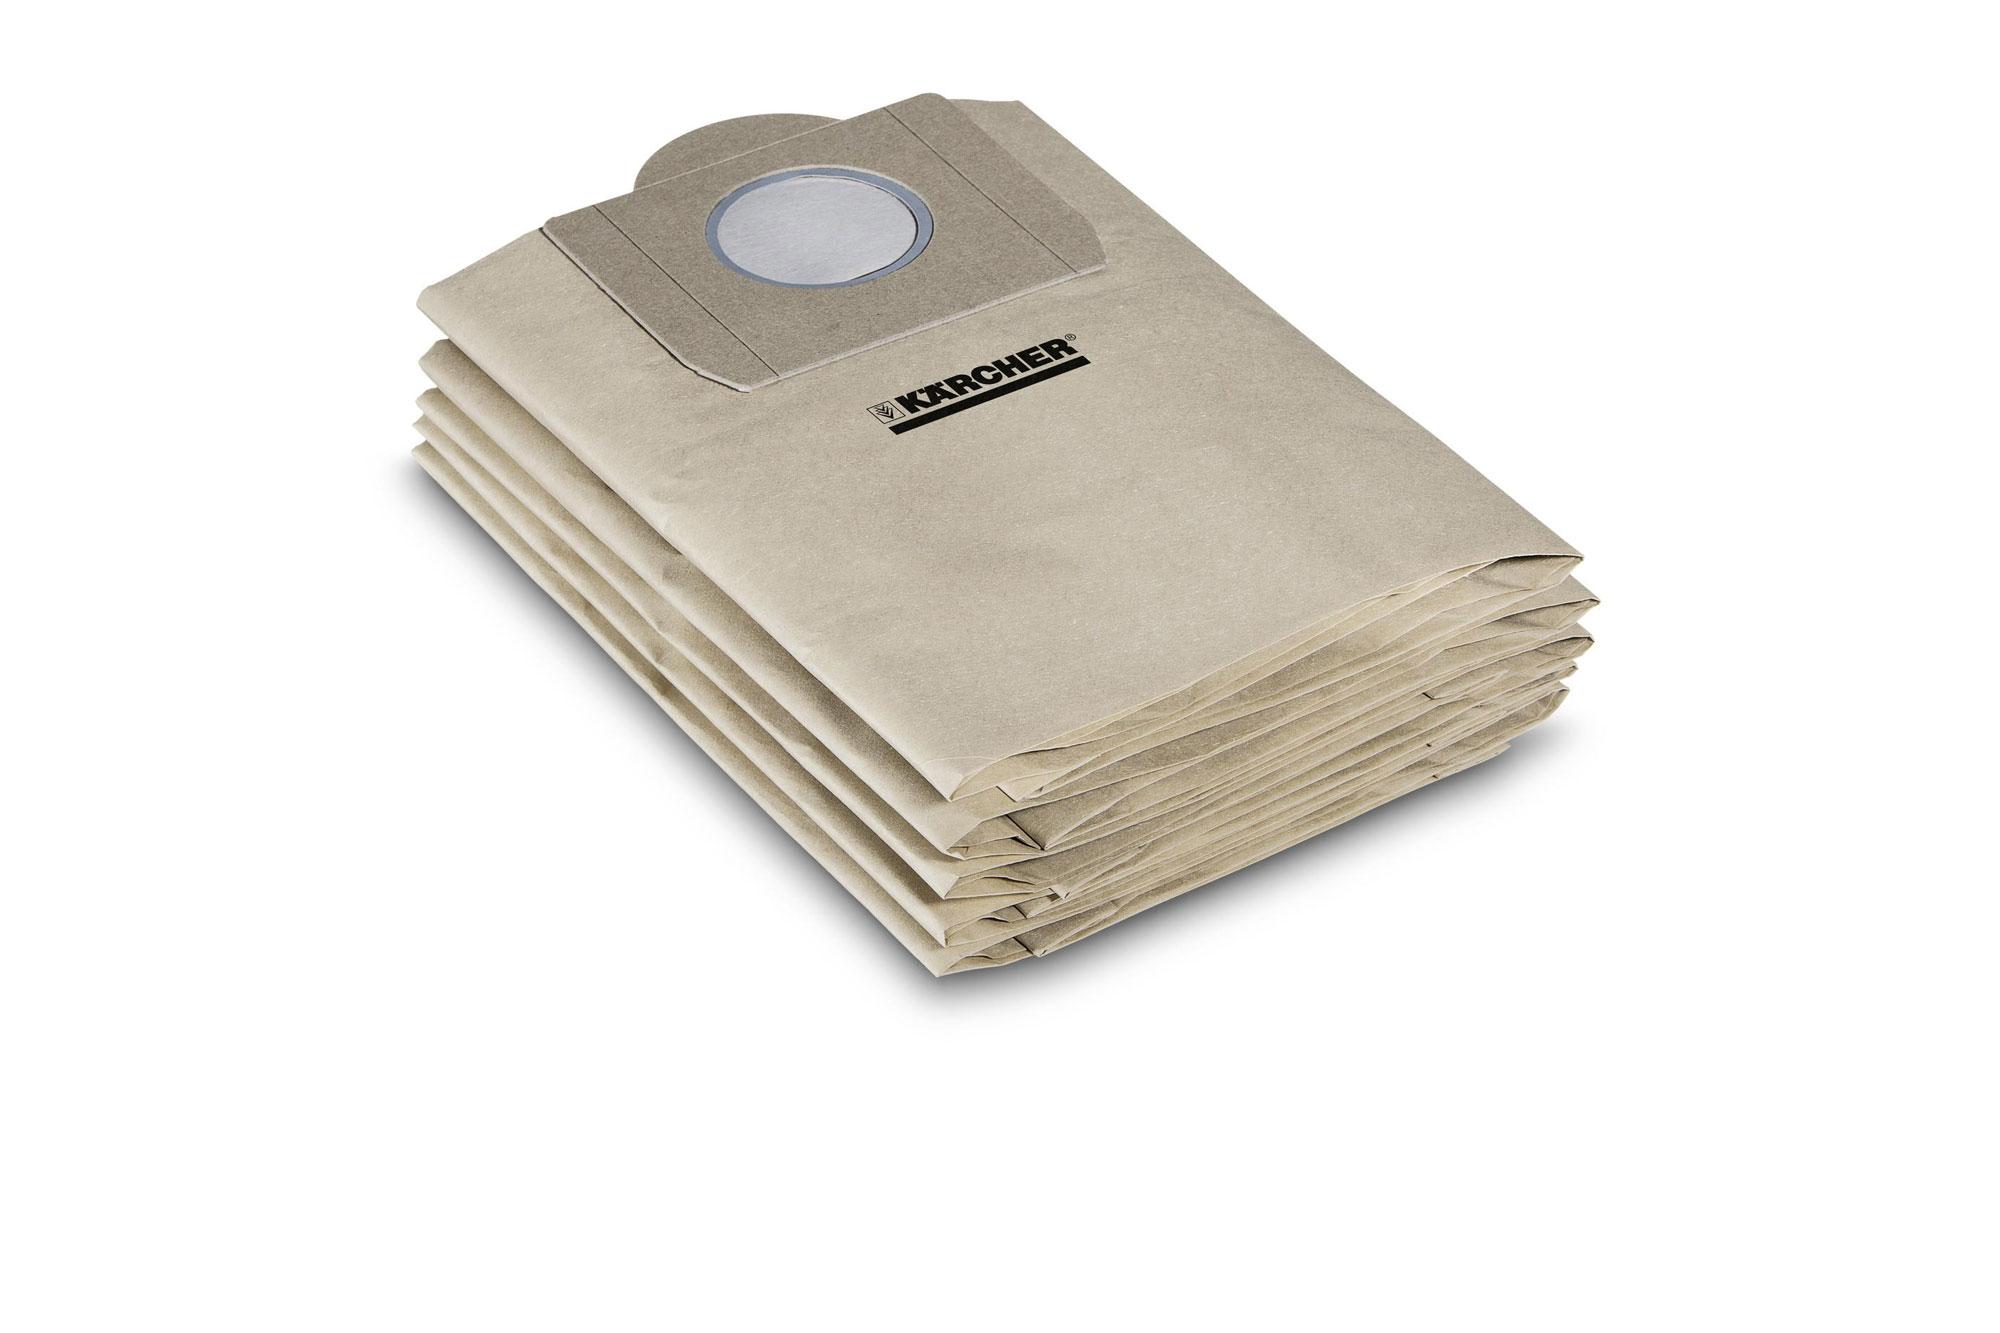 Kärcher Filtertüten zu Nass- / Trockensauger K 2001 10 Stück Bild 1